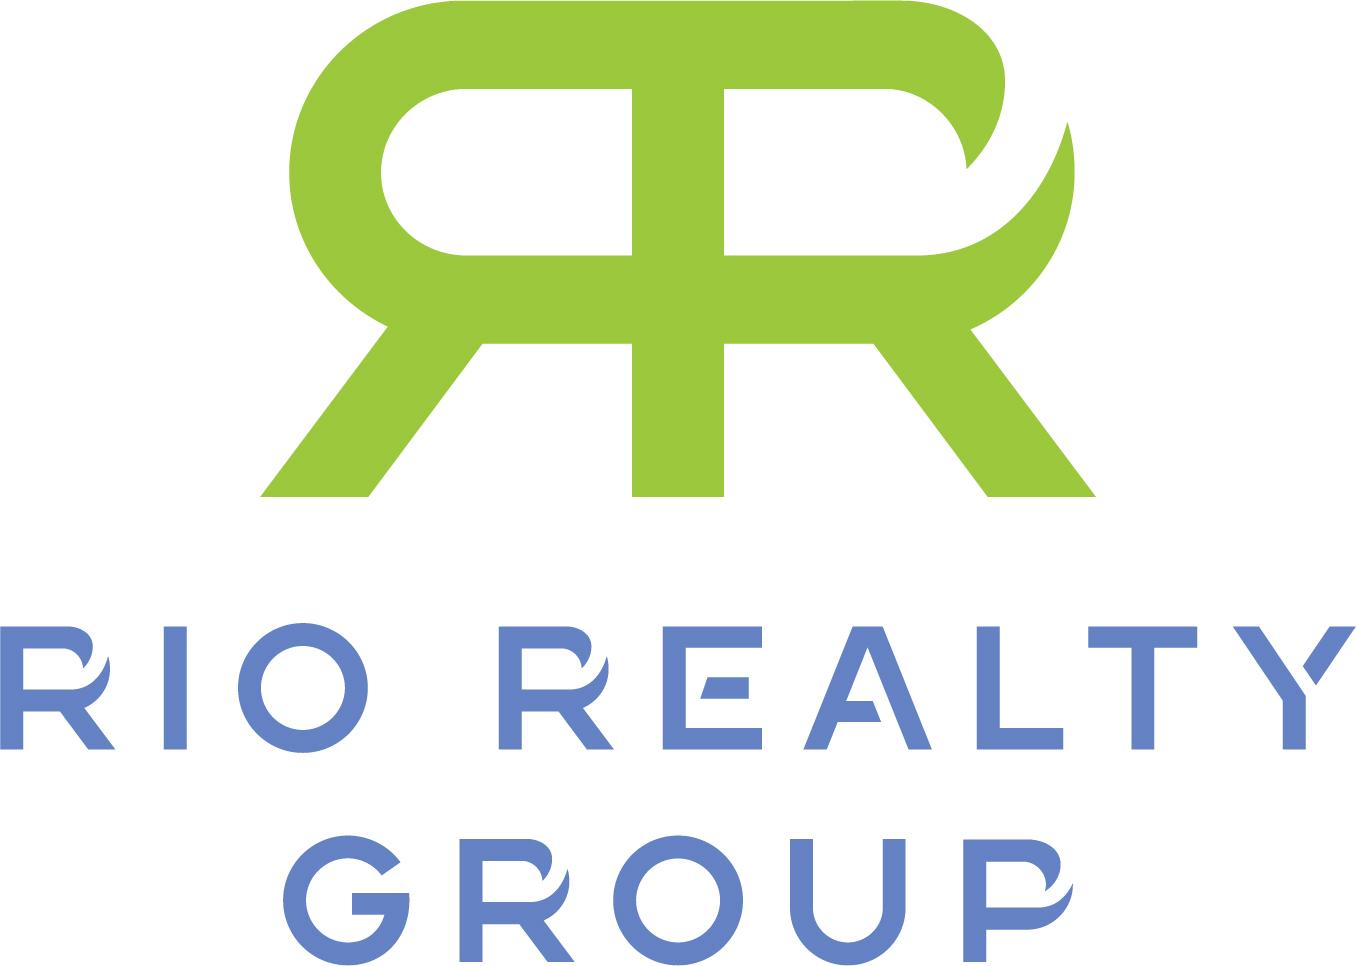 Rio Realty Group logo